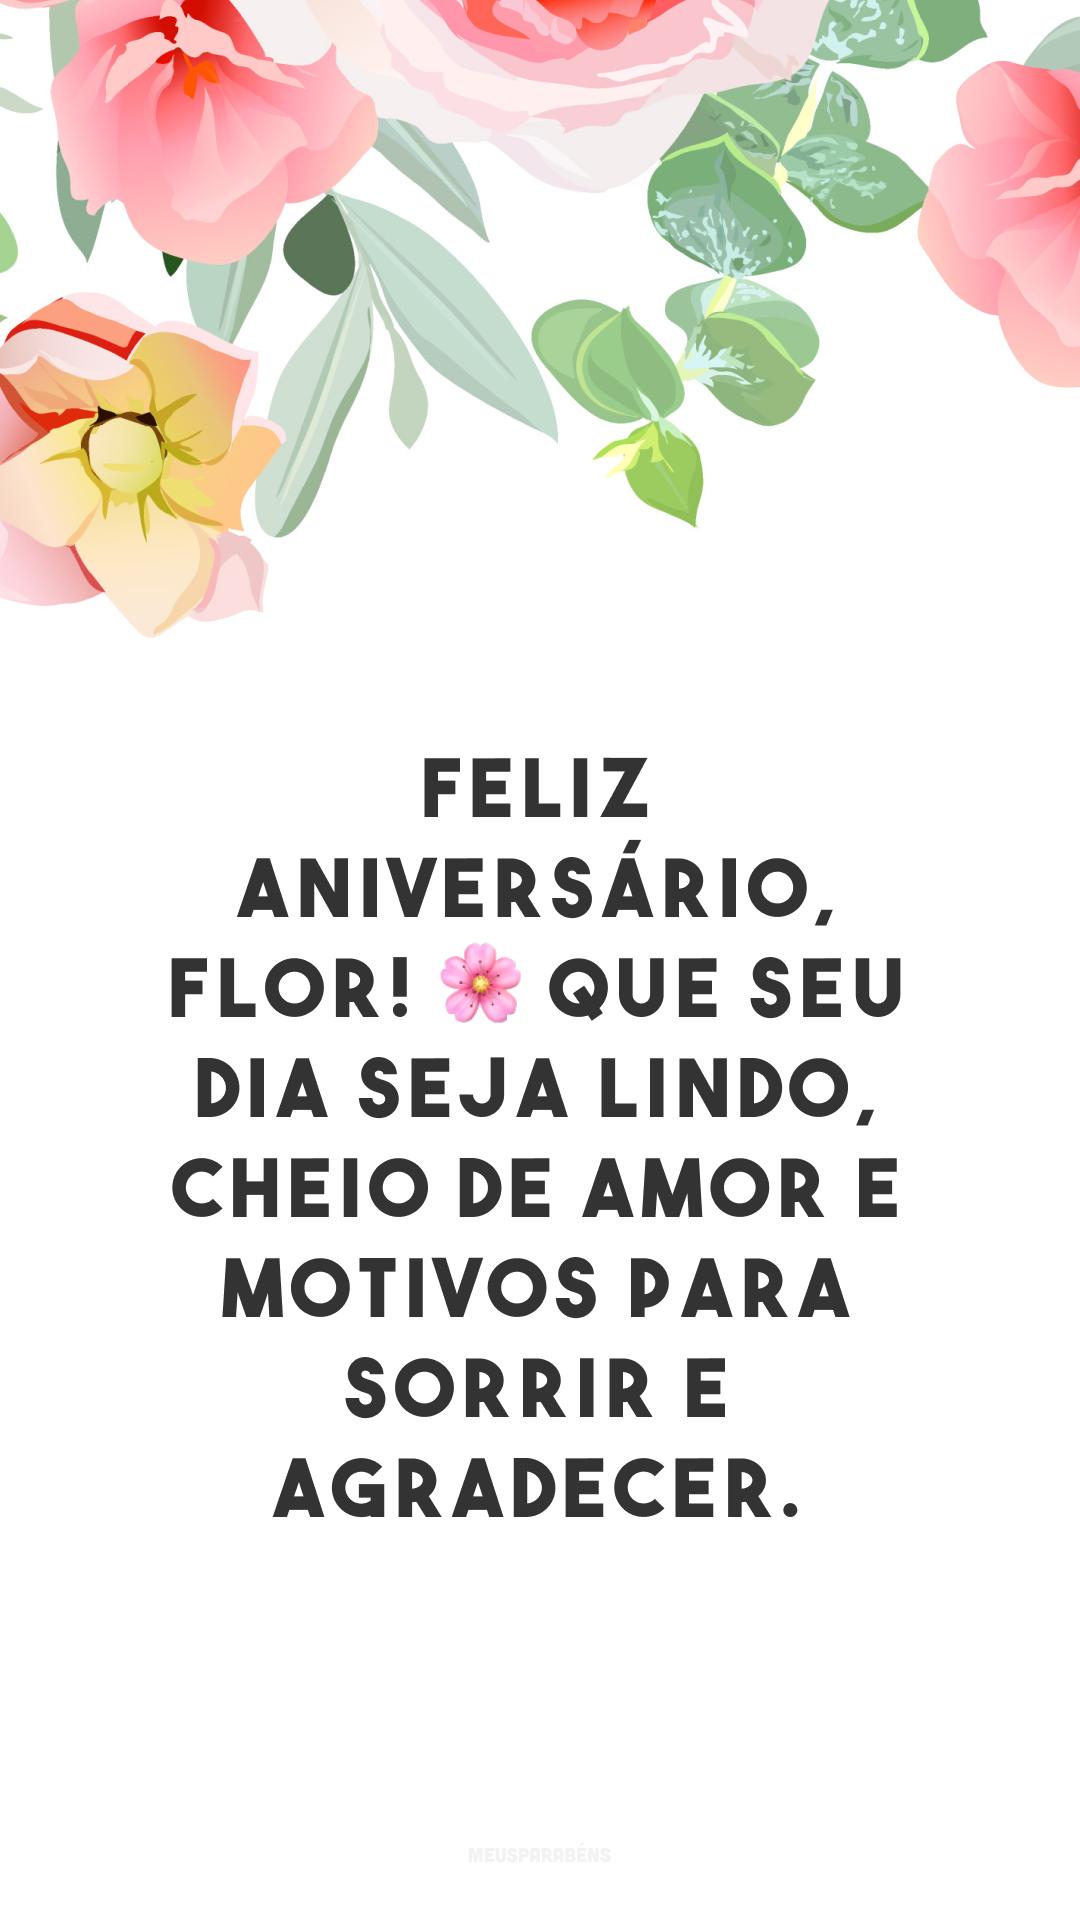 Feliz aniversário, flor! 🌸 Que seu dia seja lindo, cheio de amor e motivos para sorrir e agradecer.